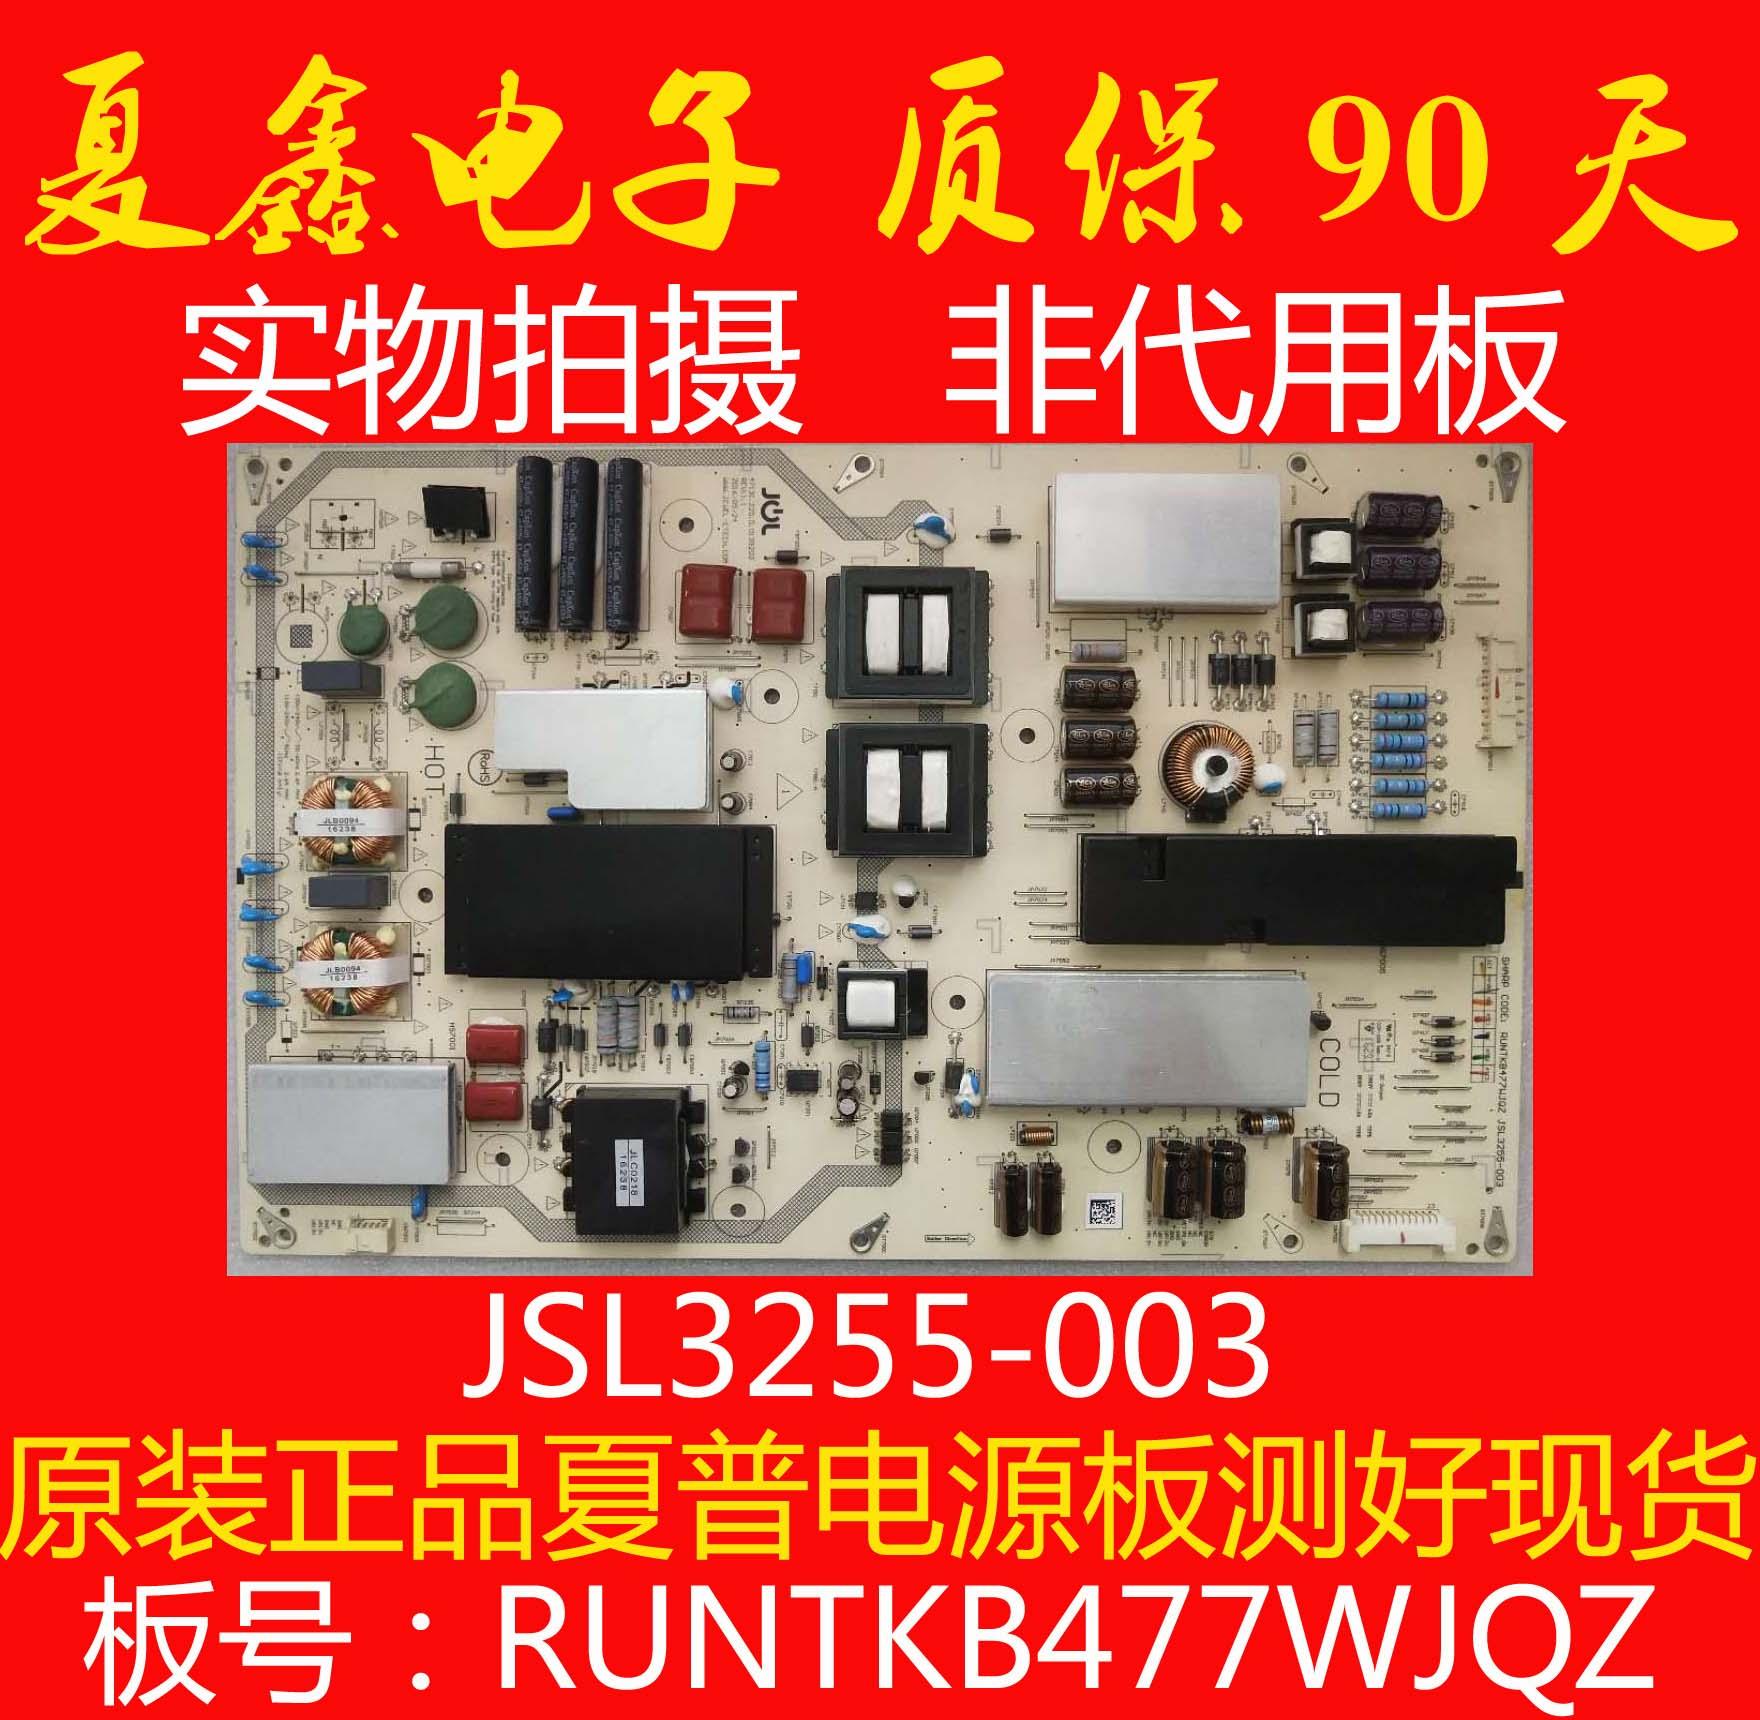 原装夏普LCD-70SU660A 70SU665A电源板RUNTKB477WJQZ JSL3255-003